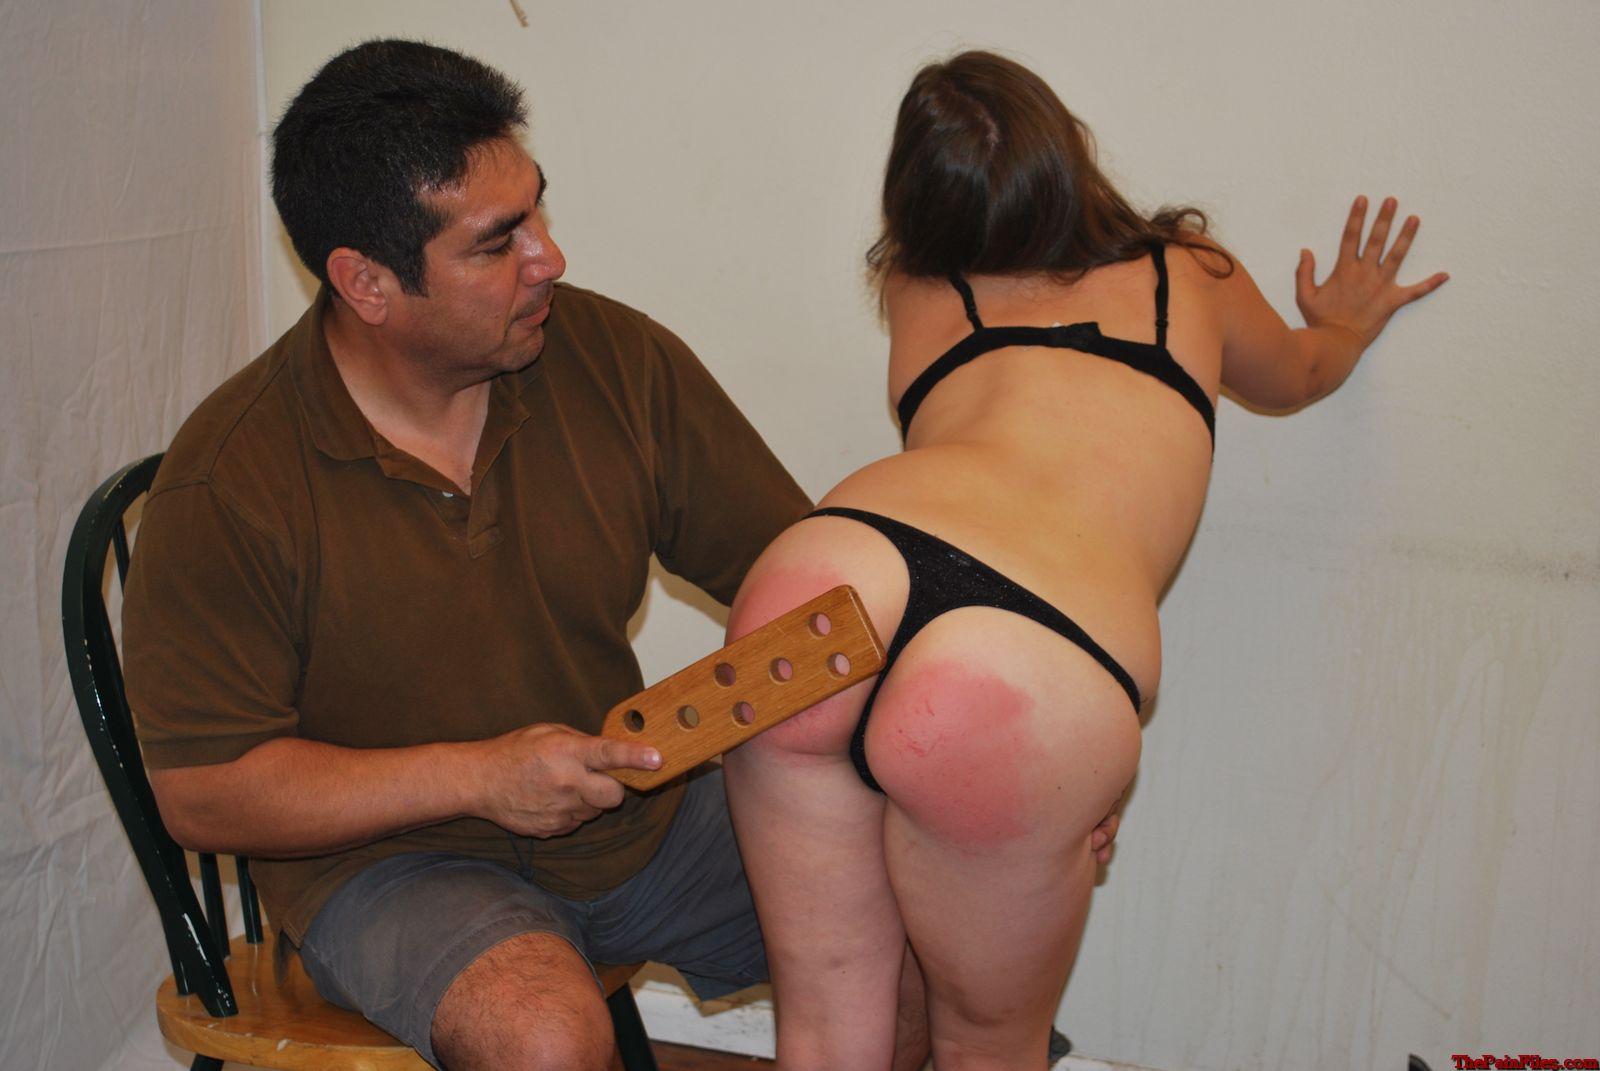 XXX pics punished girls paddled bottoms